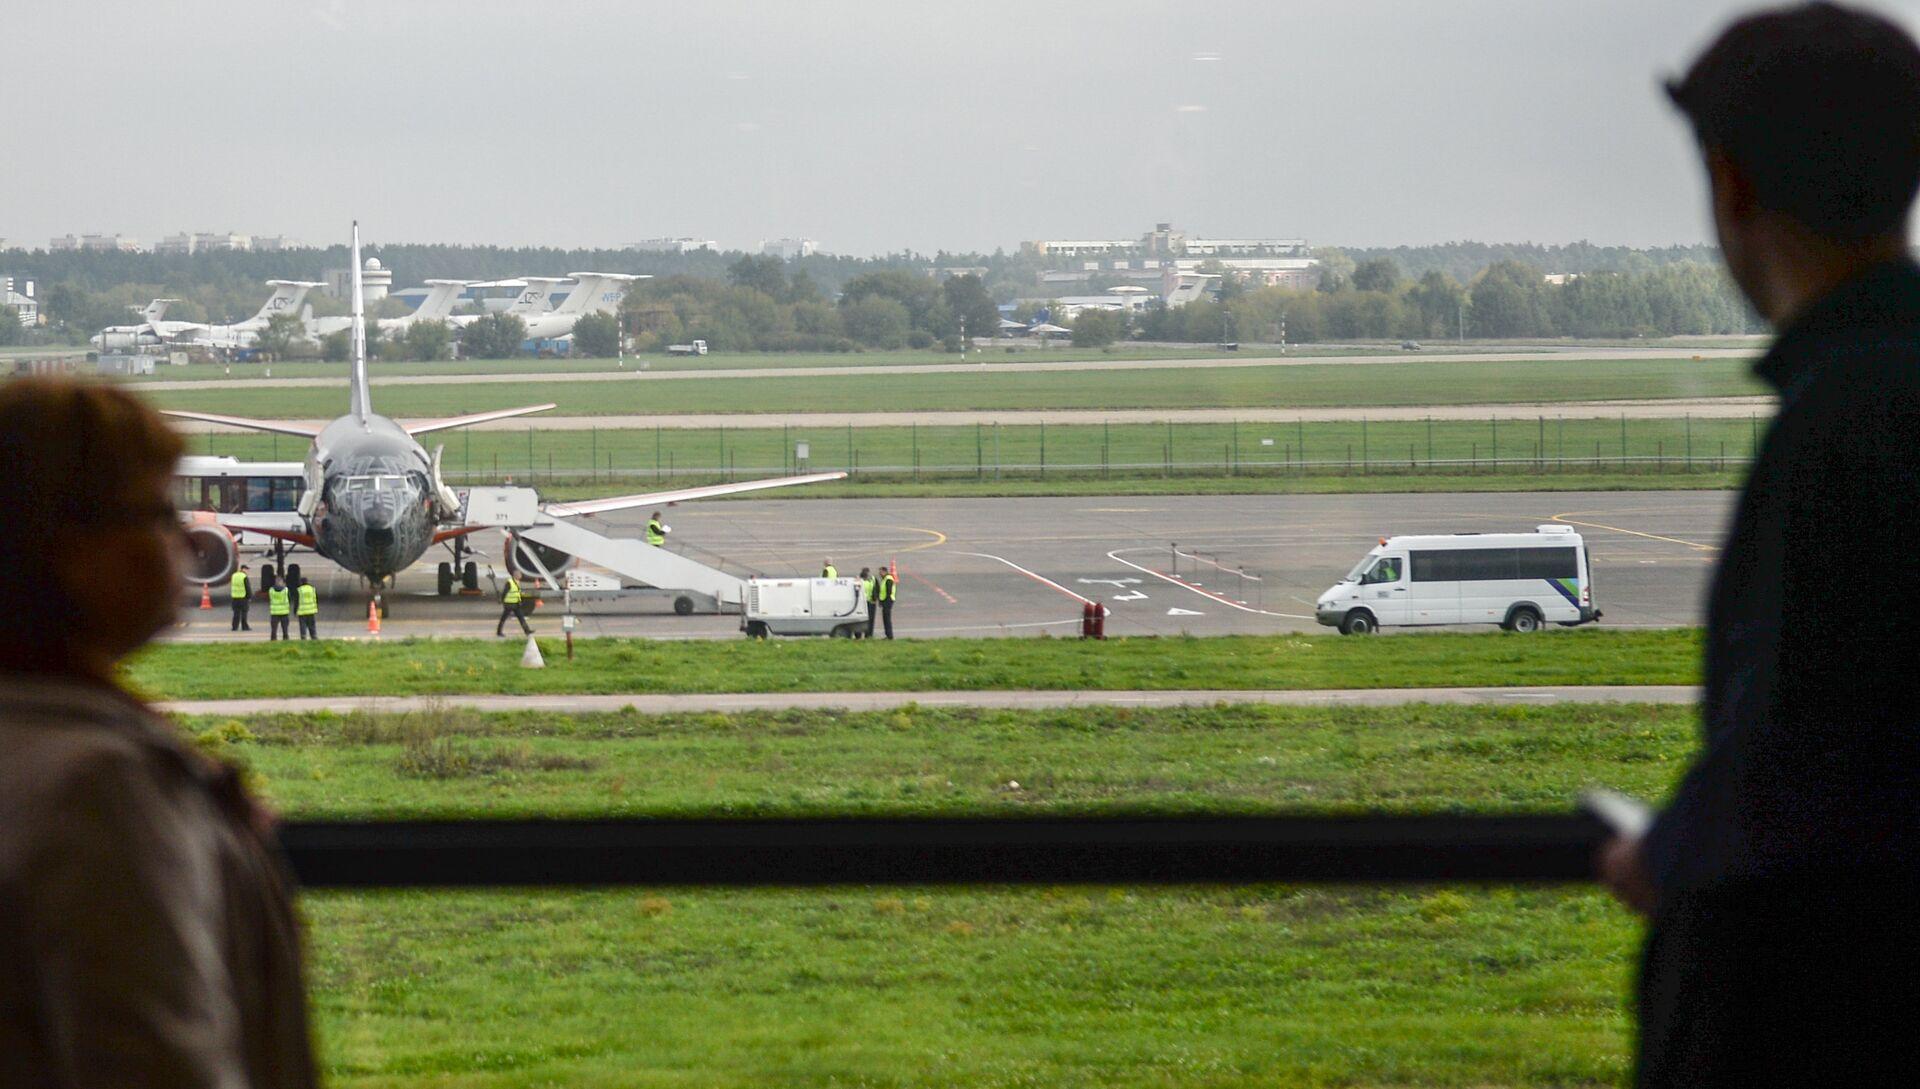 Прибытие самолета авиакомпании Белавиа в аэропорт Жуковский. Архивное фото - РИА Новости, 1920, 15.05.2017